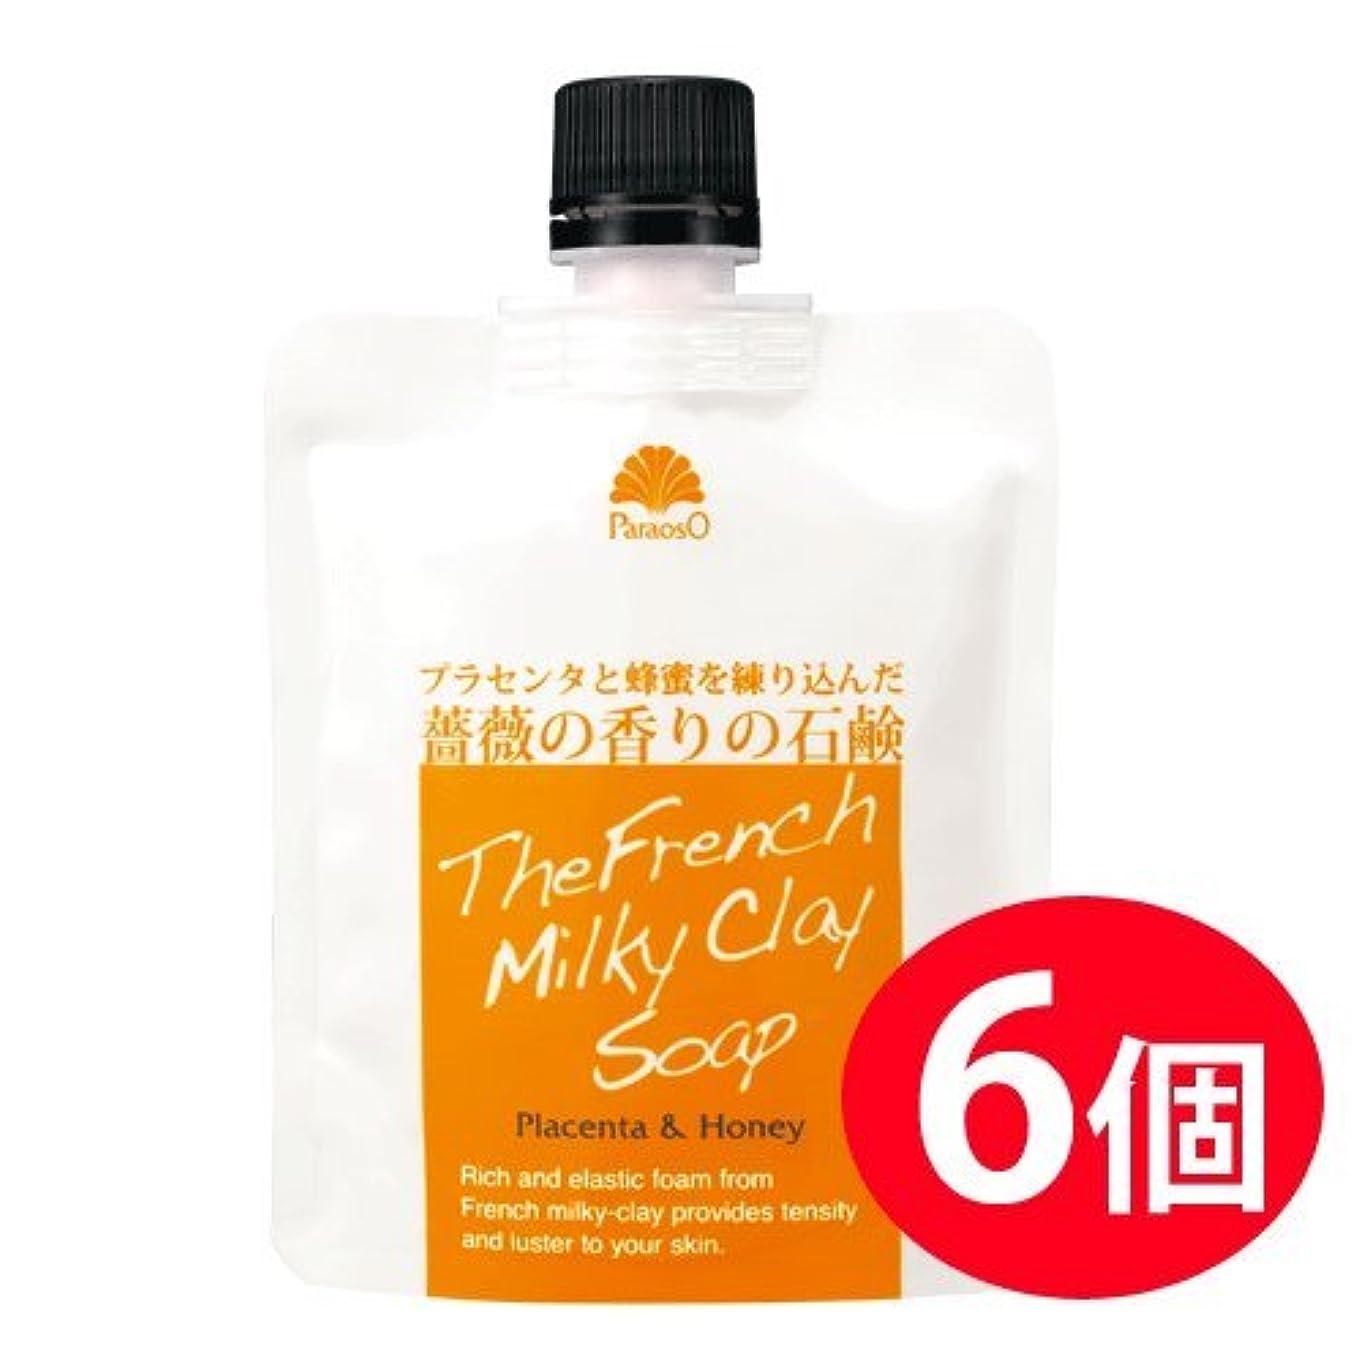 石灰岩メインドロッププラセンタと蜂蜜を練り込んだ薔薇の香りの生石鹸 パラオソフレンチクレイソープ 6個